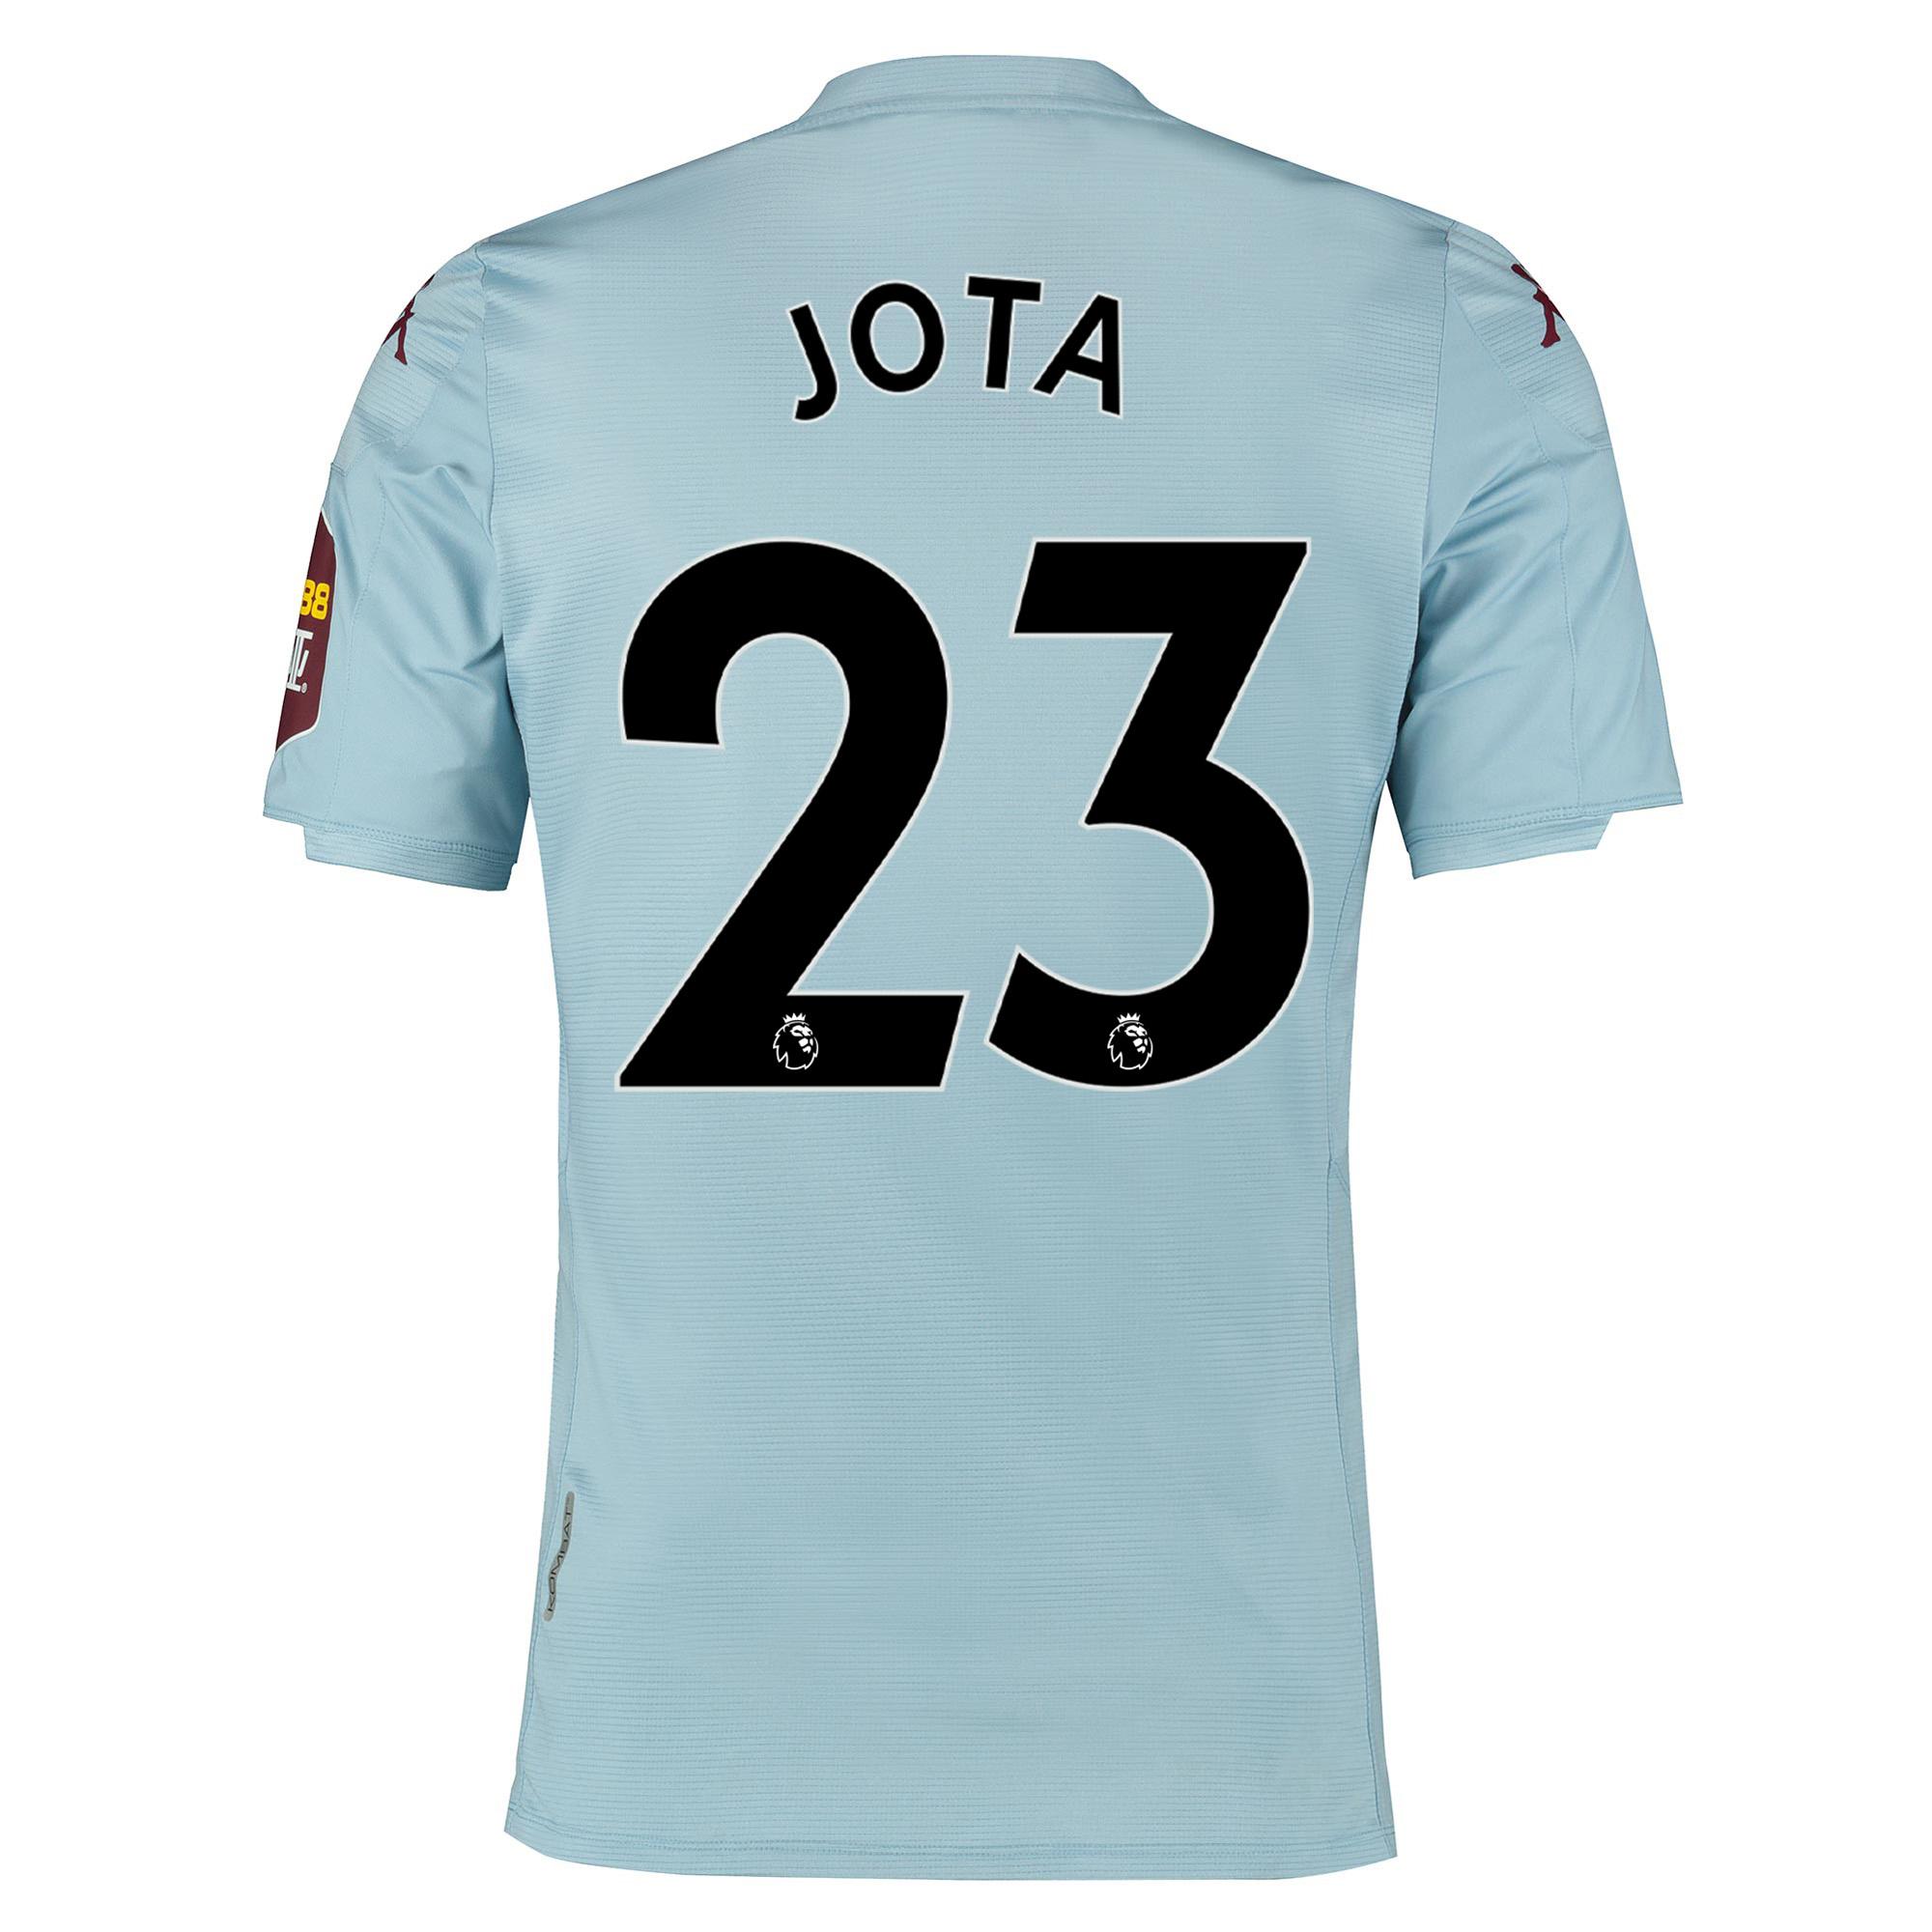 Camiseta Elite Fit de la 2.ª equipación del Aston Villa 2019-20 dorsal Jota 23